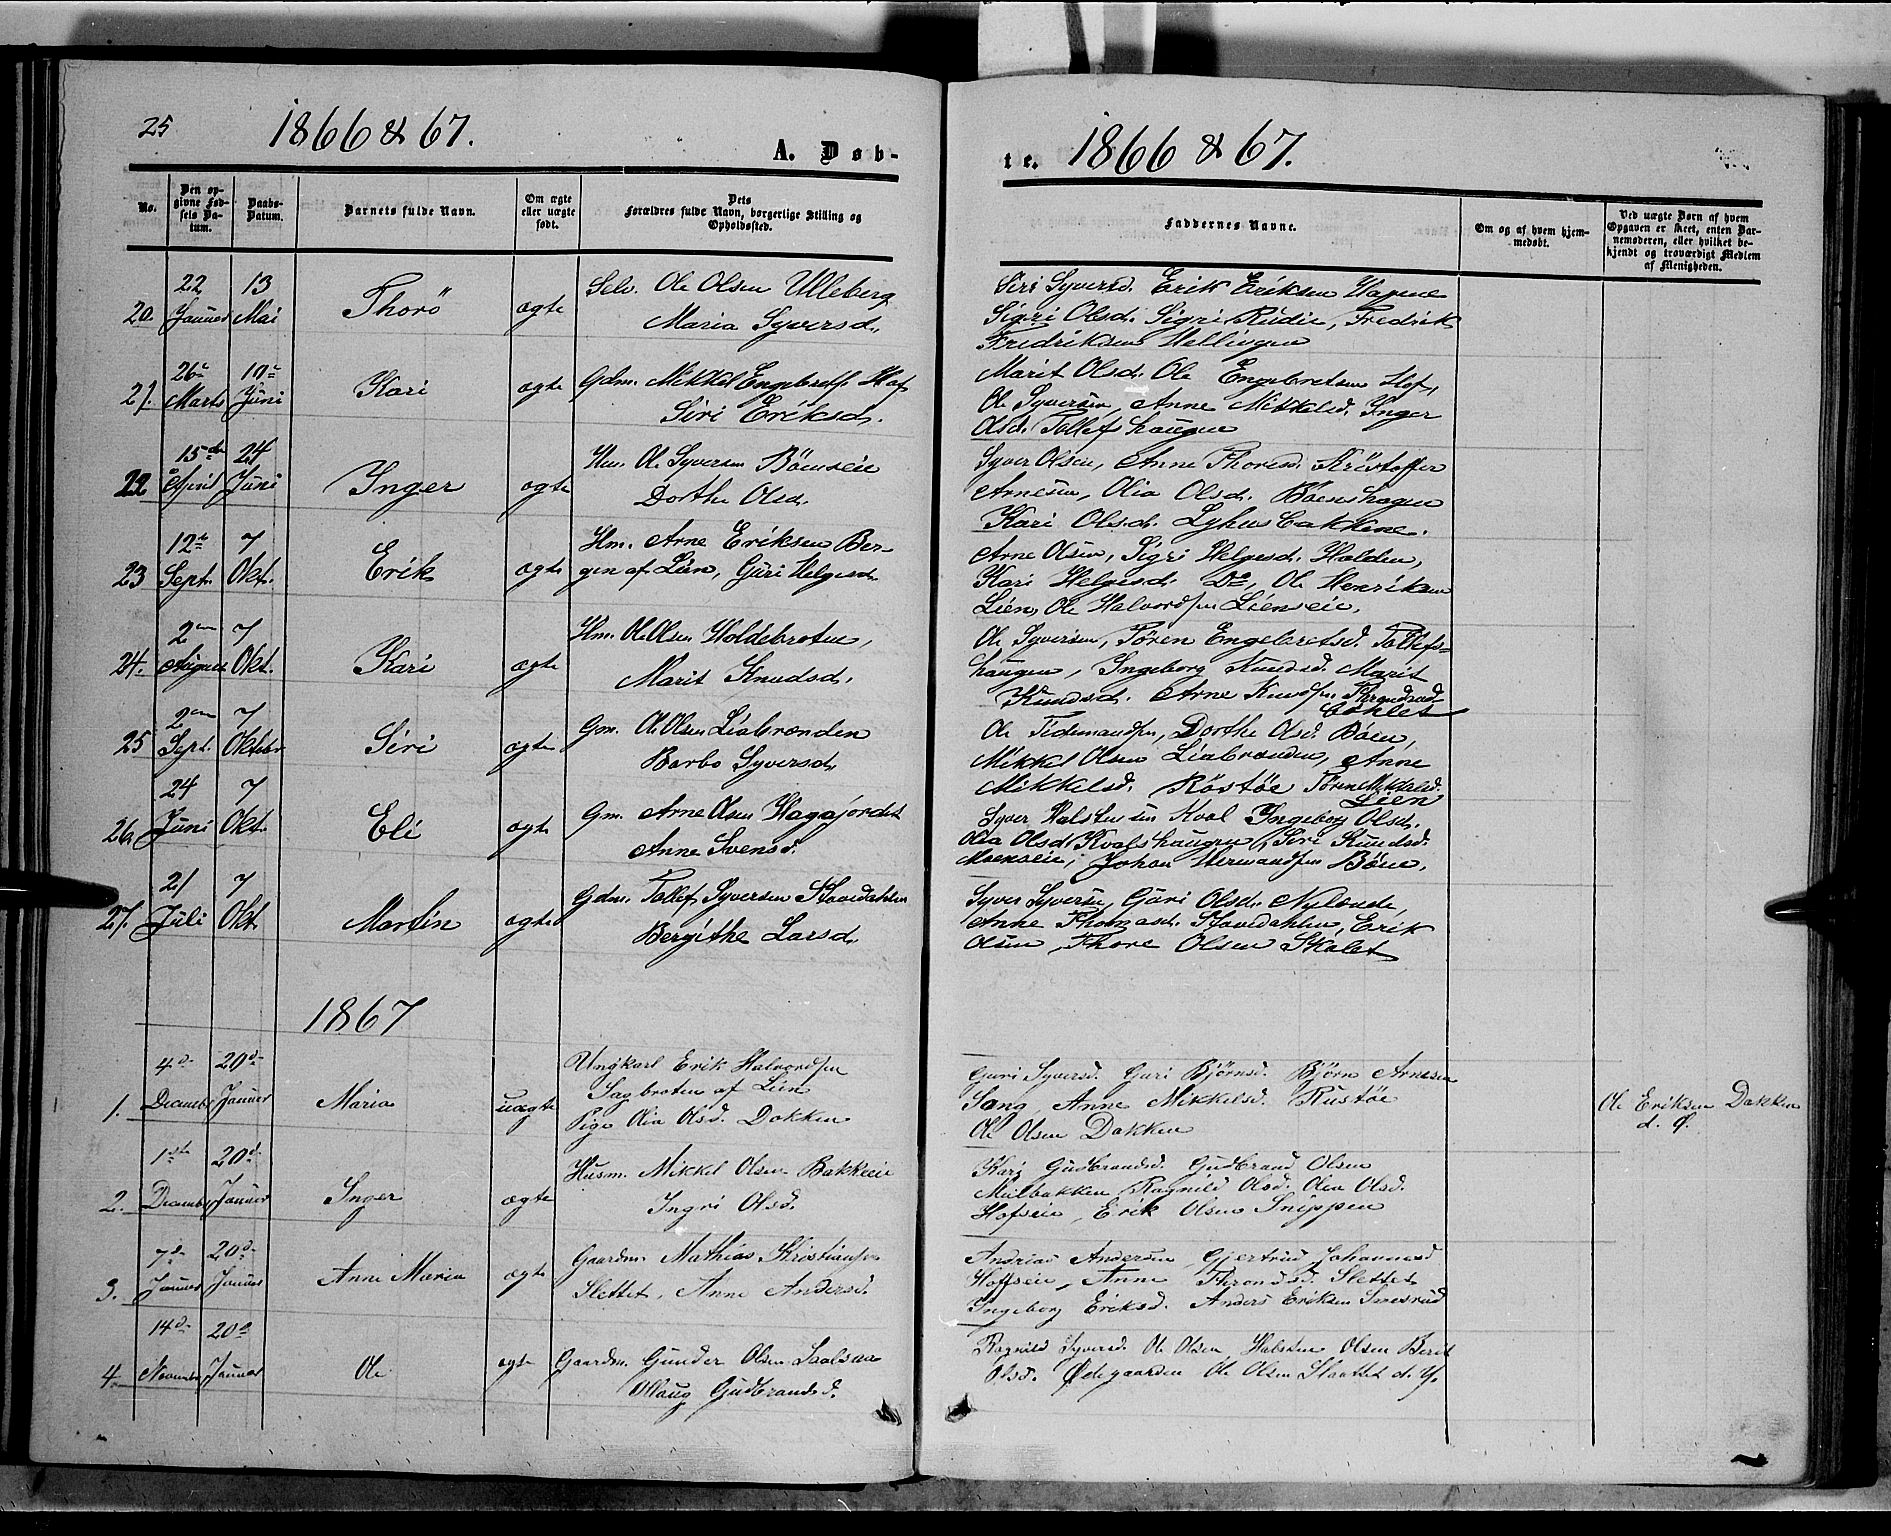 SAH, Sør-Aurdal prestekontor, Ministerialbok nr. 6, 1849-1876, s. 25